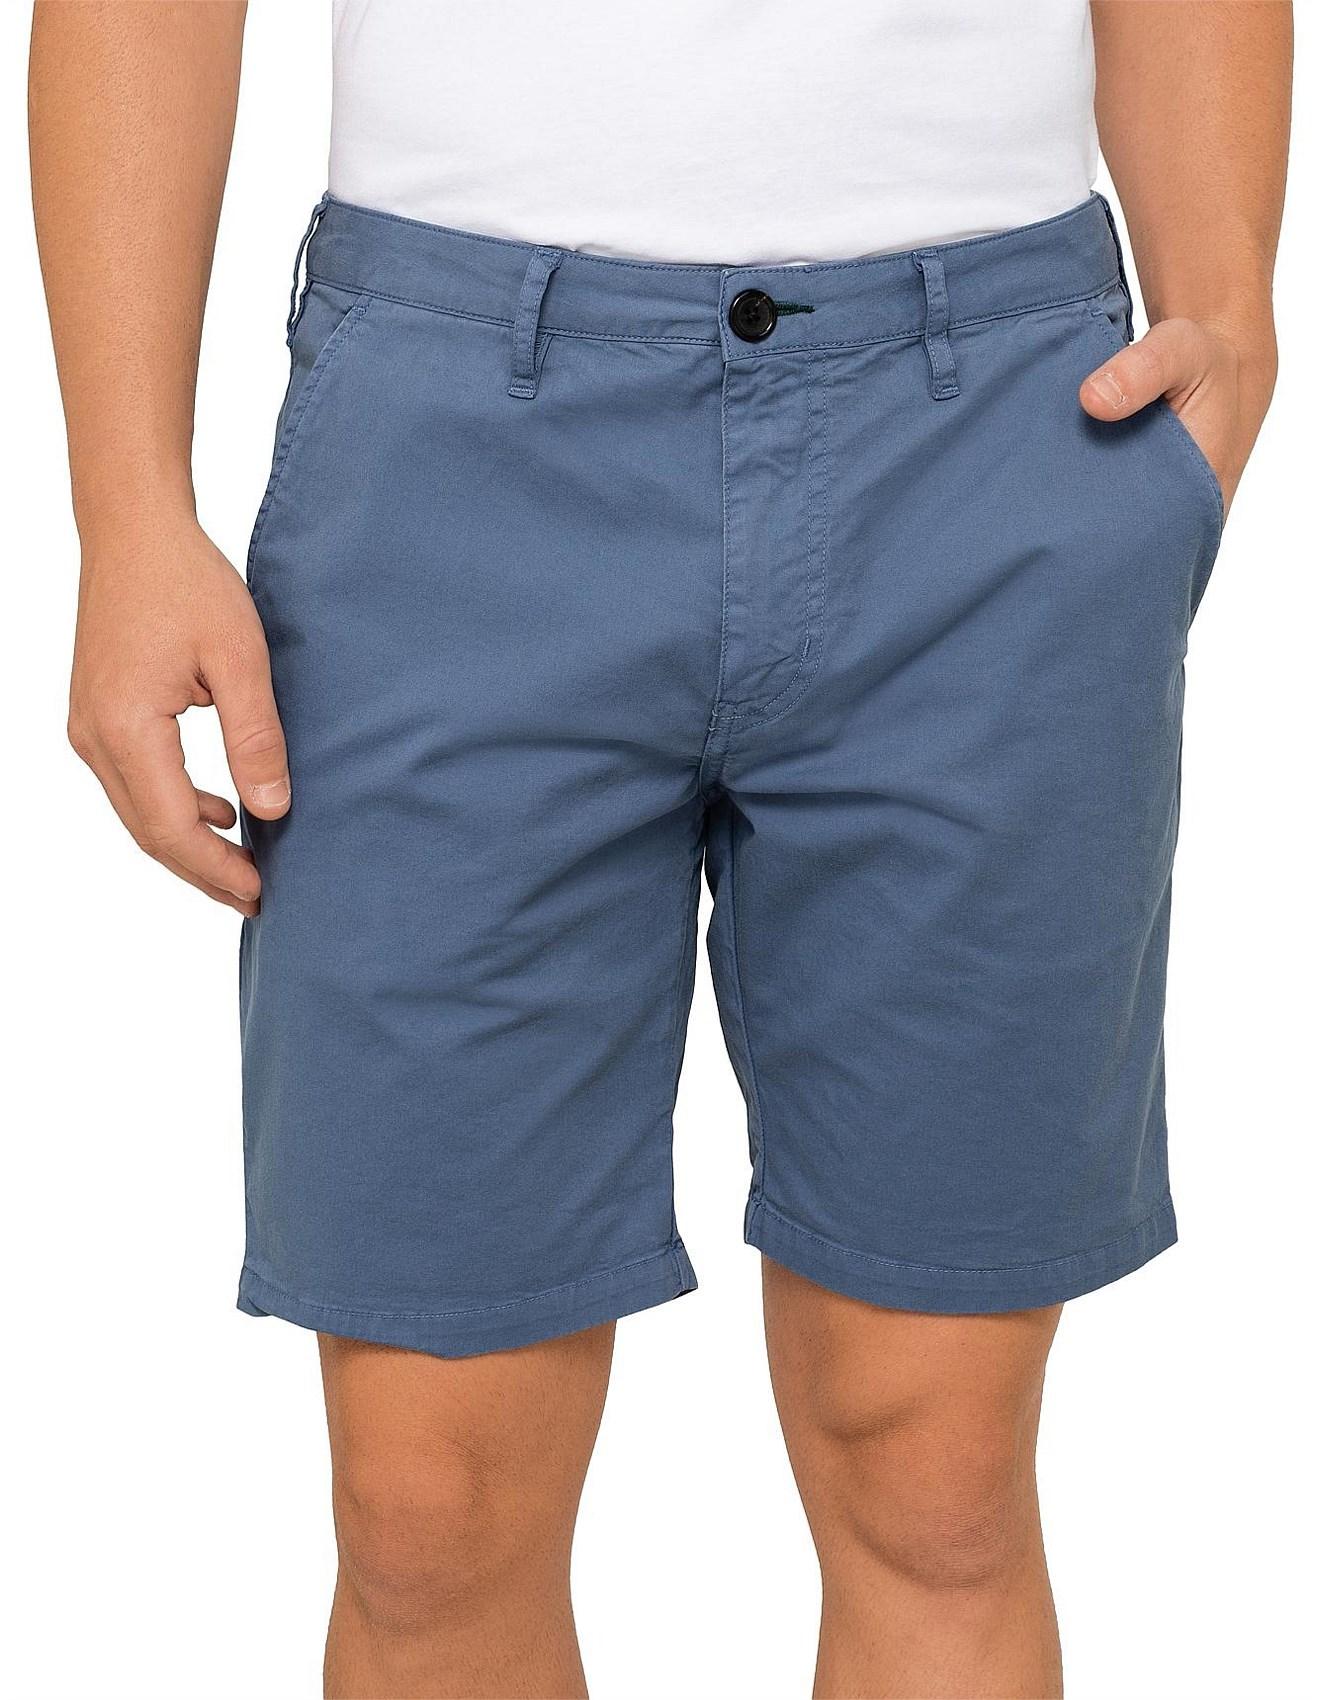 9718124ed0 Men's Swimwear | Boardshorts & Swim Shorts | David Jones - Mens Reg ...